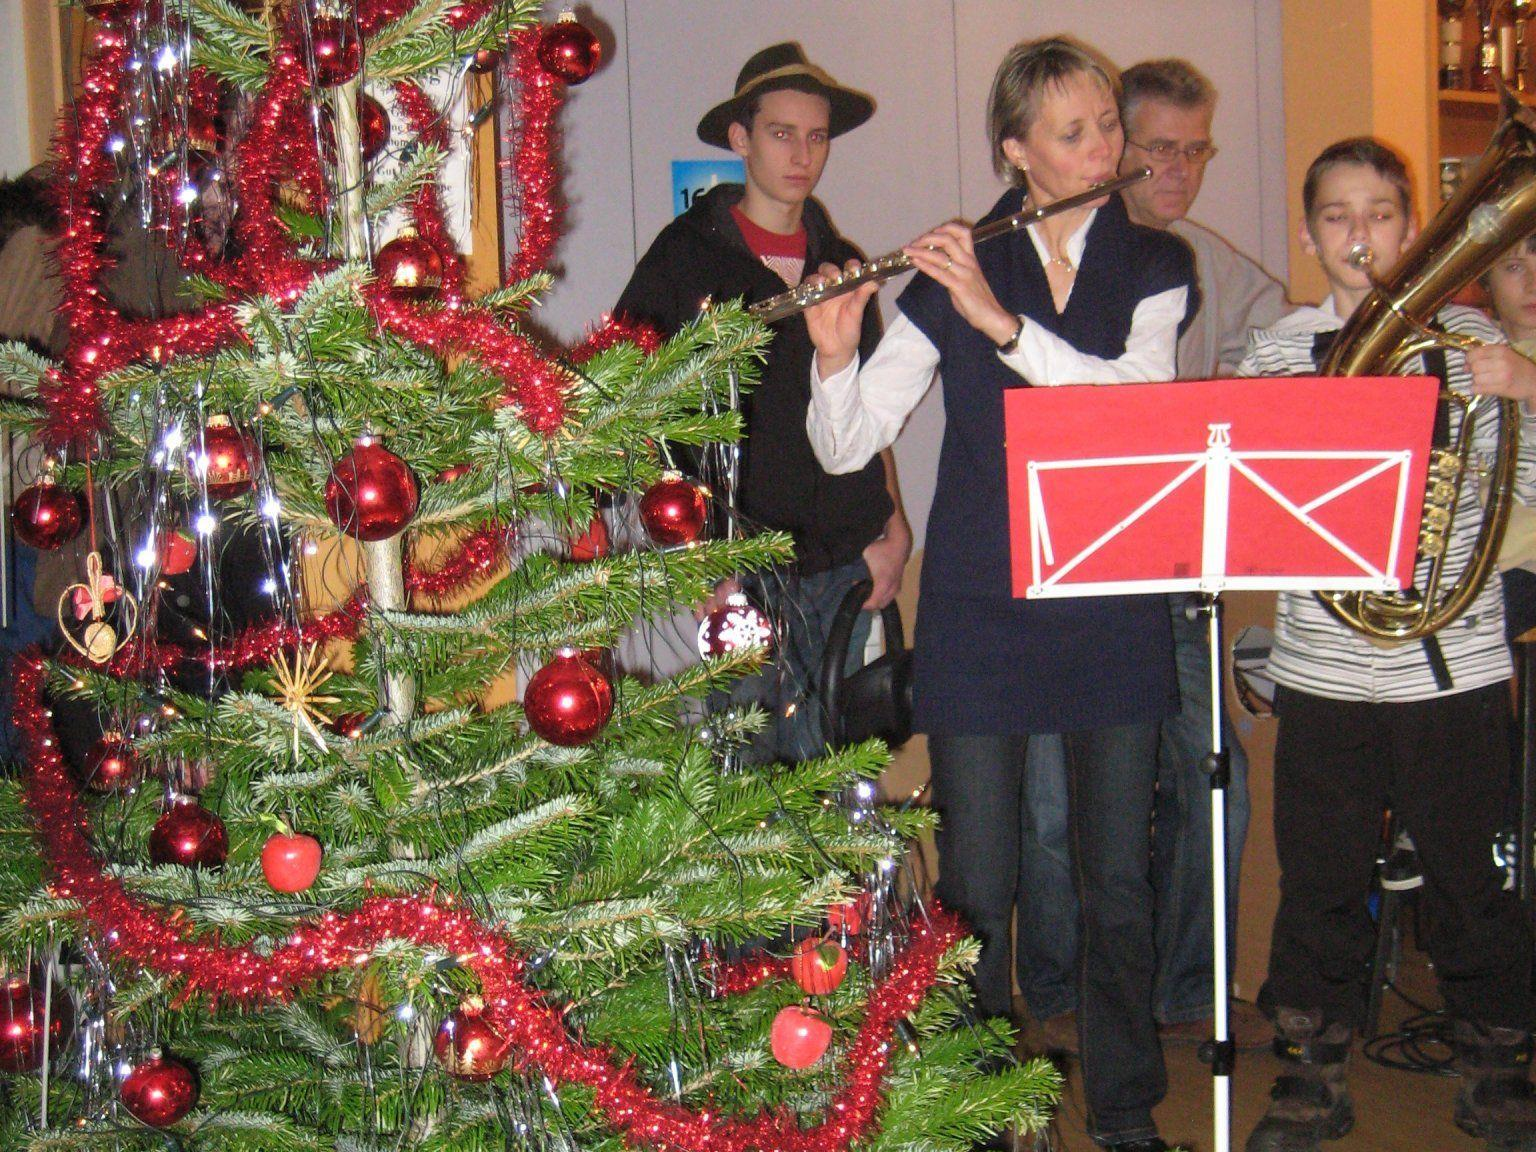 Krippenspiel der Ehrenamtlichen  - Weihnachten für Alleinstehende 2011